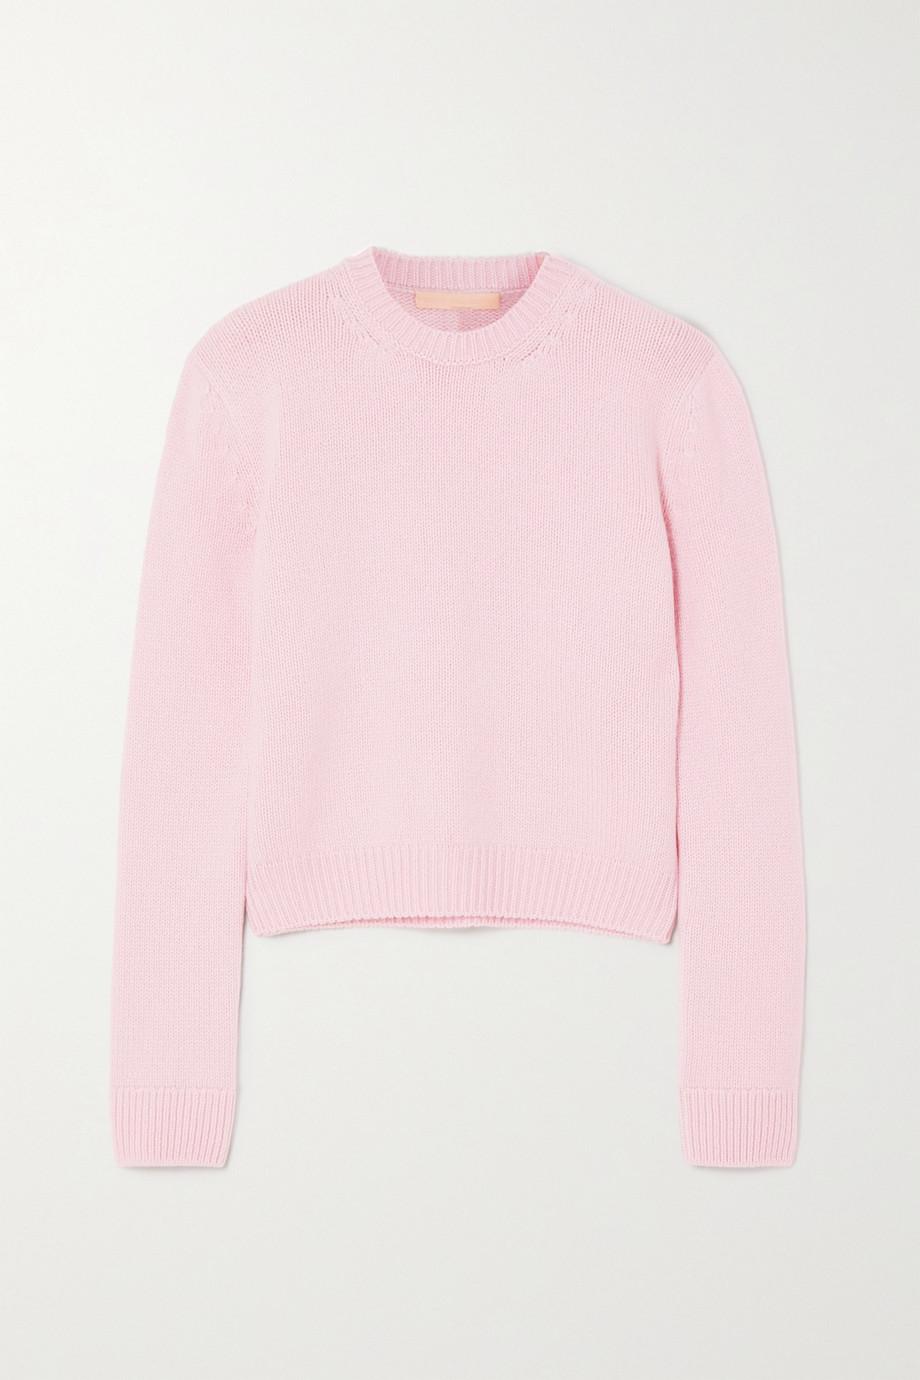 Brock Collection Pullover aus Kaschmir